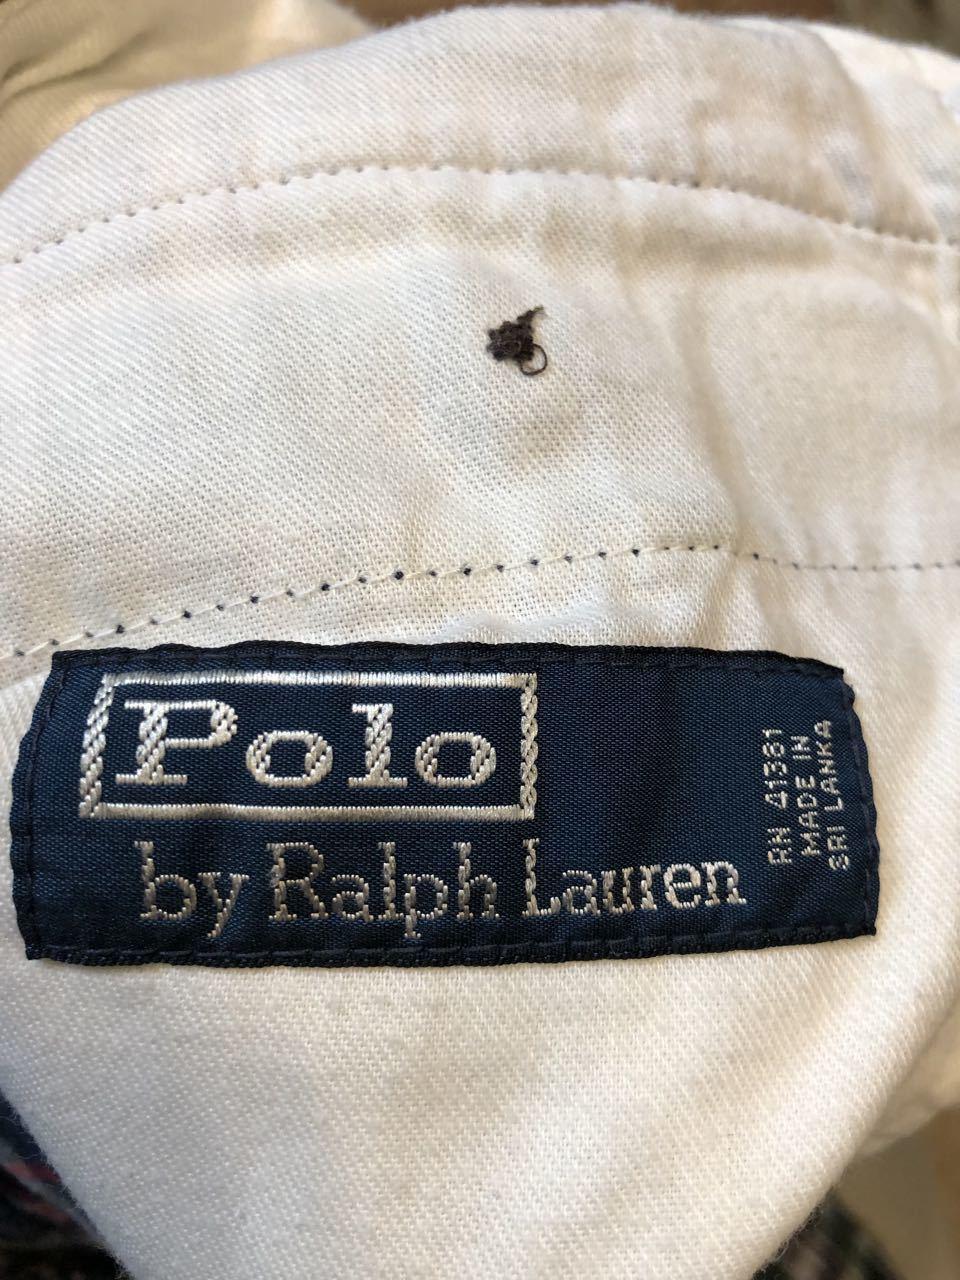 6月11日(火)入荷!Polo ラルフローレン クレージーマドラス ショーツ!_c0144020_13250197.jpg